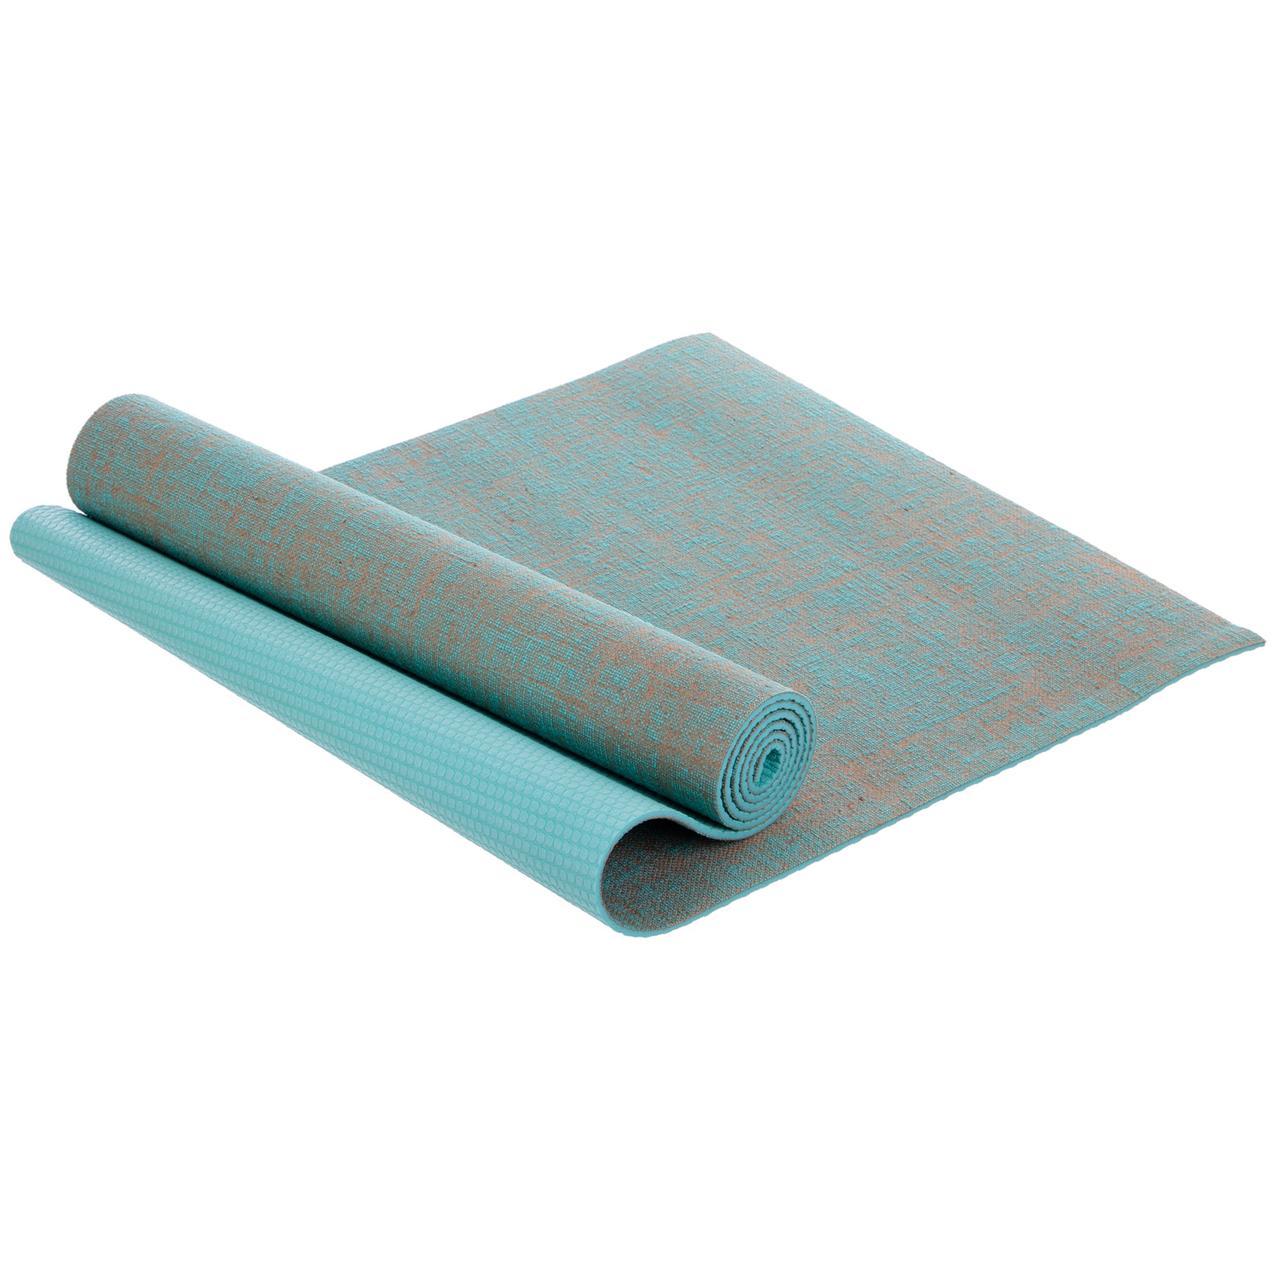 Коврик для йоги для фитнеса ZELART Джутовый Для тренировок 185 х 62 х 0,6 см Бирюзовый (FI-2441)